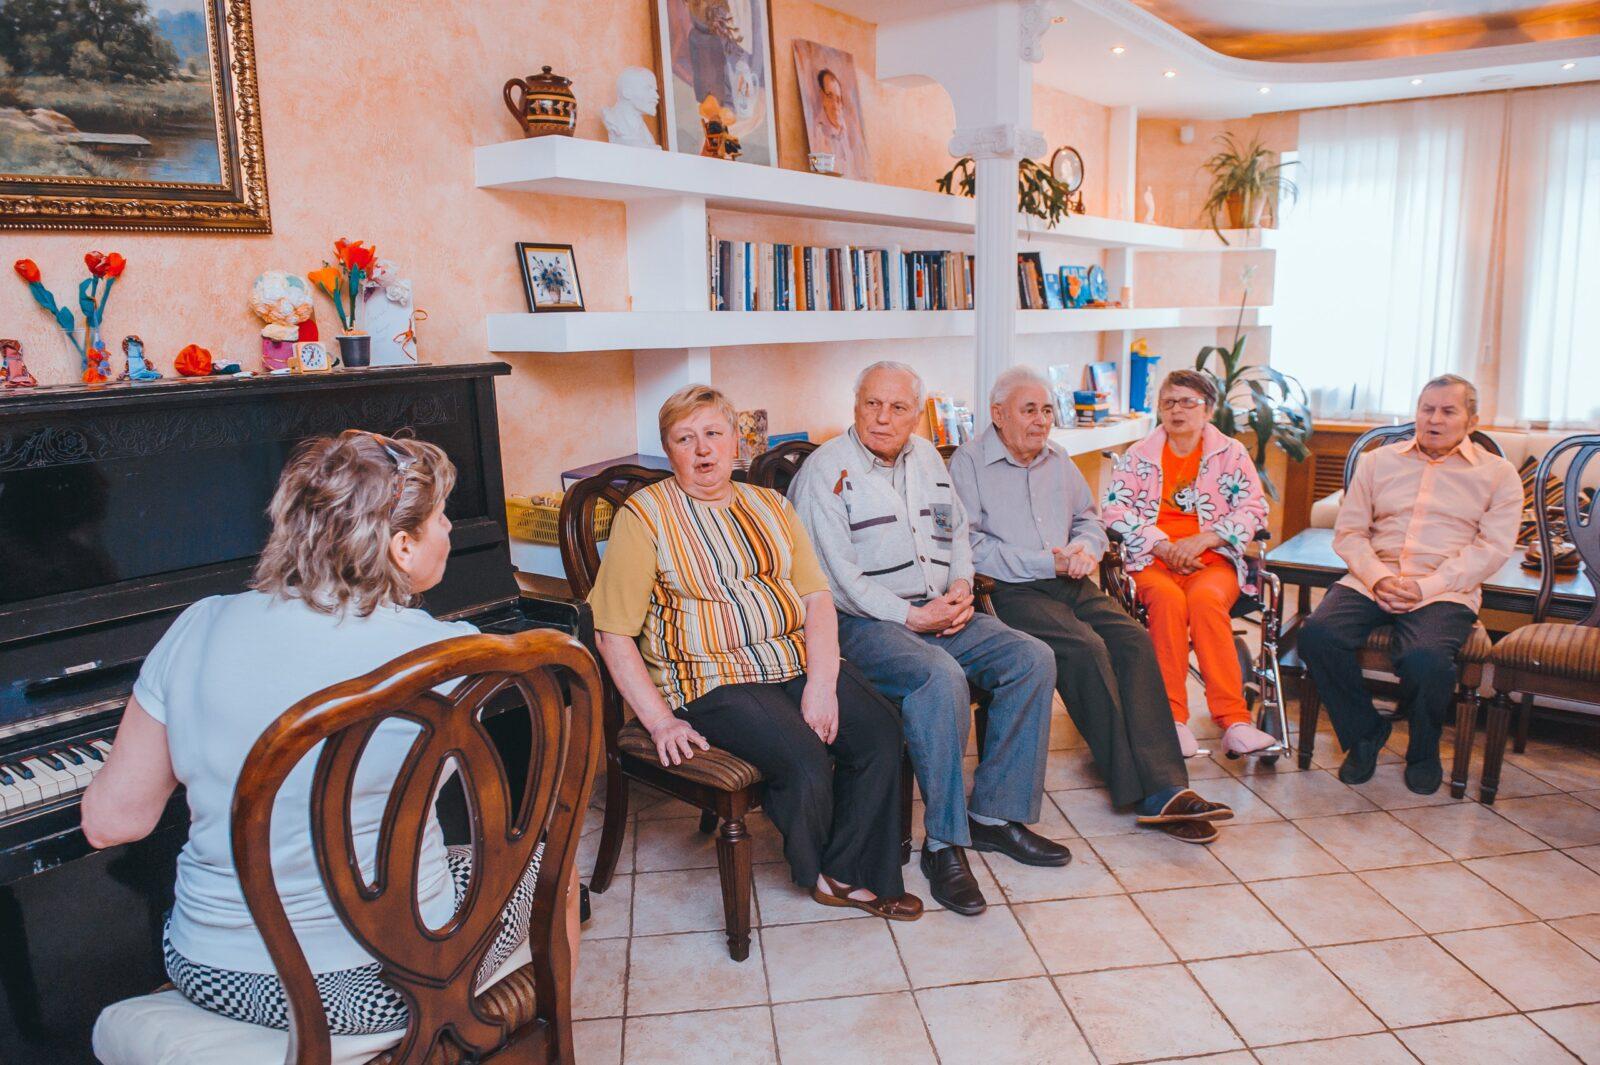 Хорошие частные дома для престарелых пансионат для пожилых людей химки